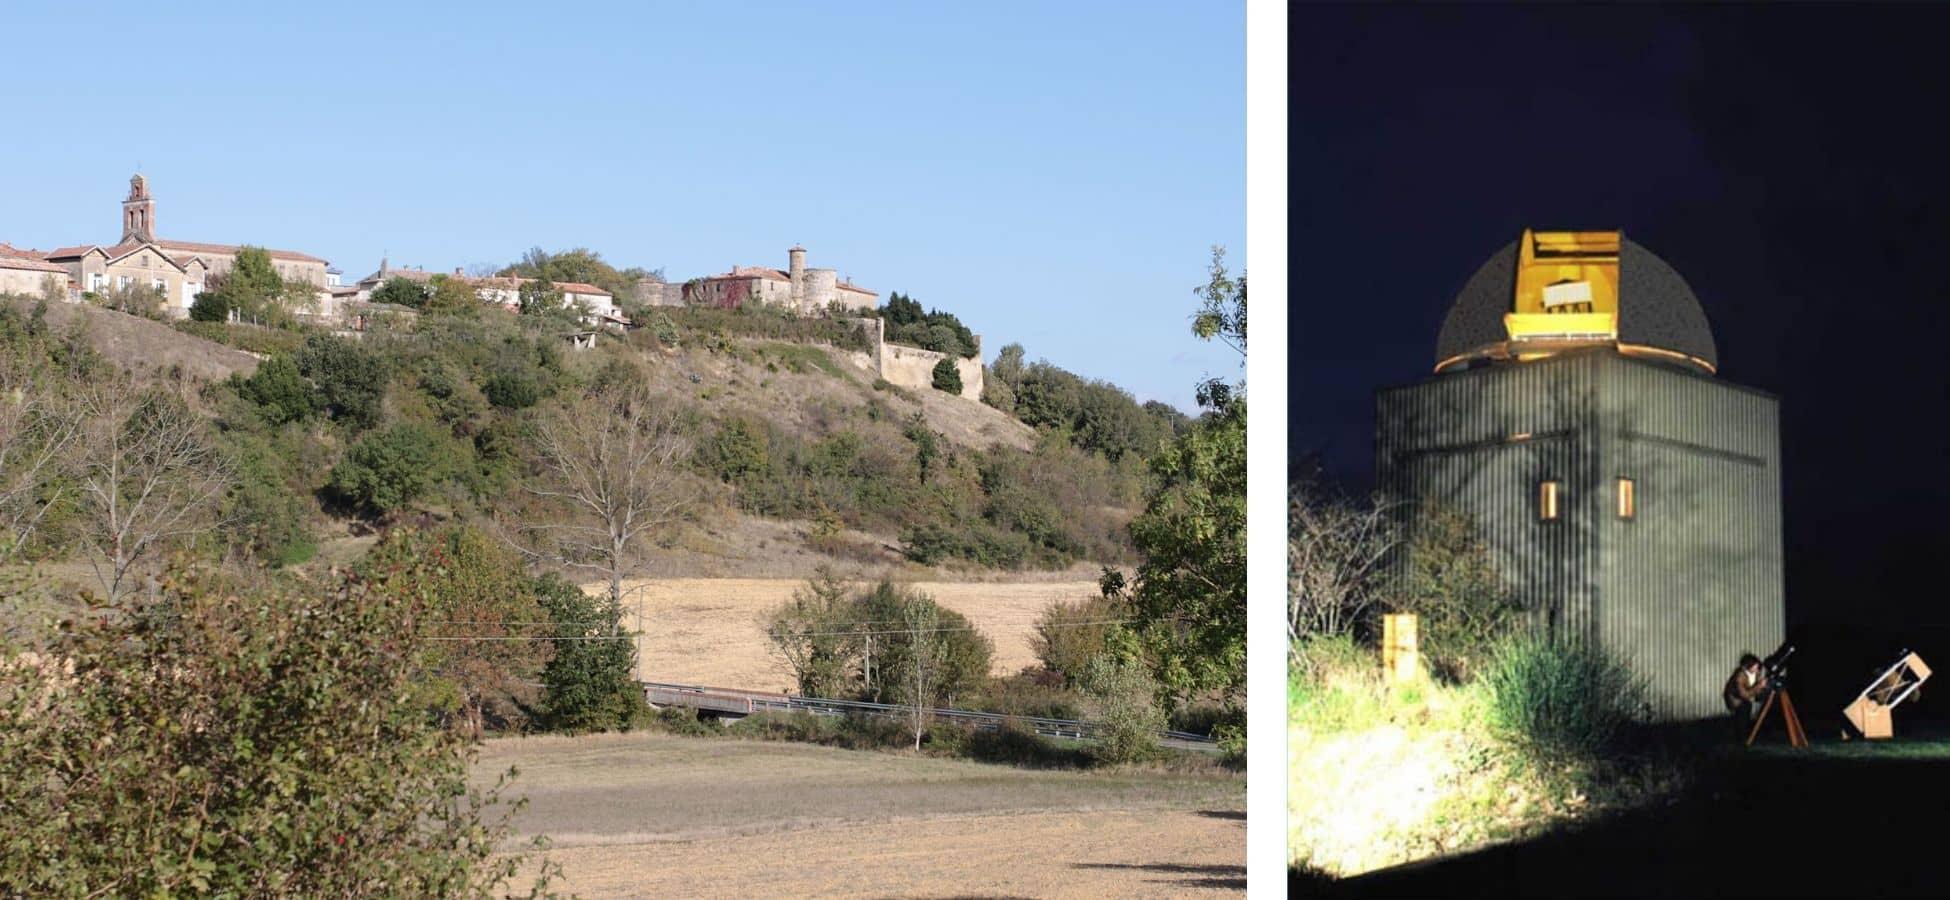 Observatoire de Bélesta